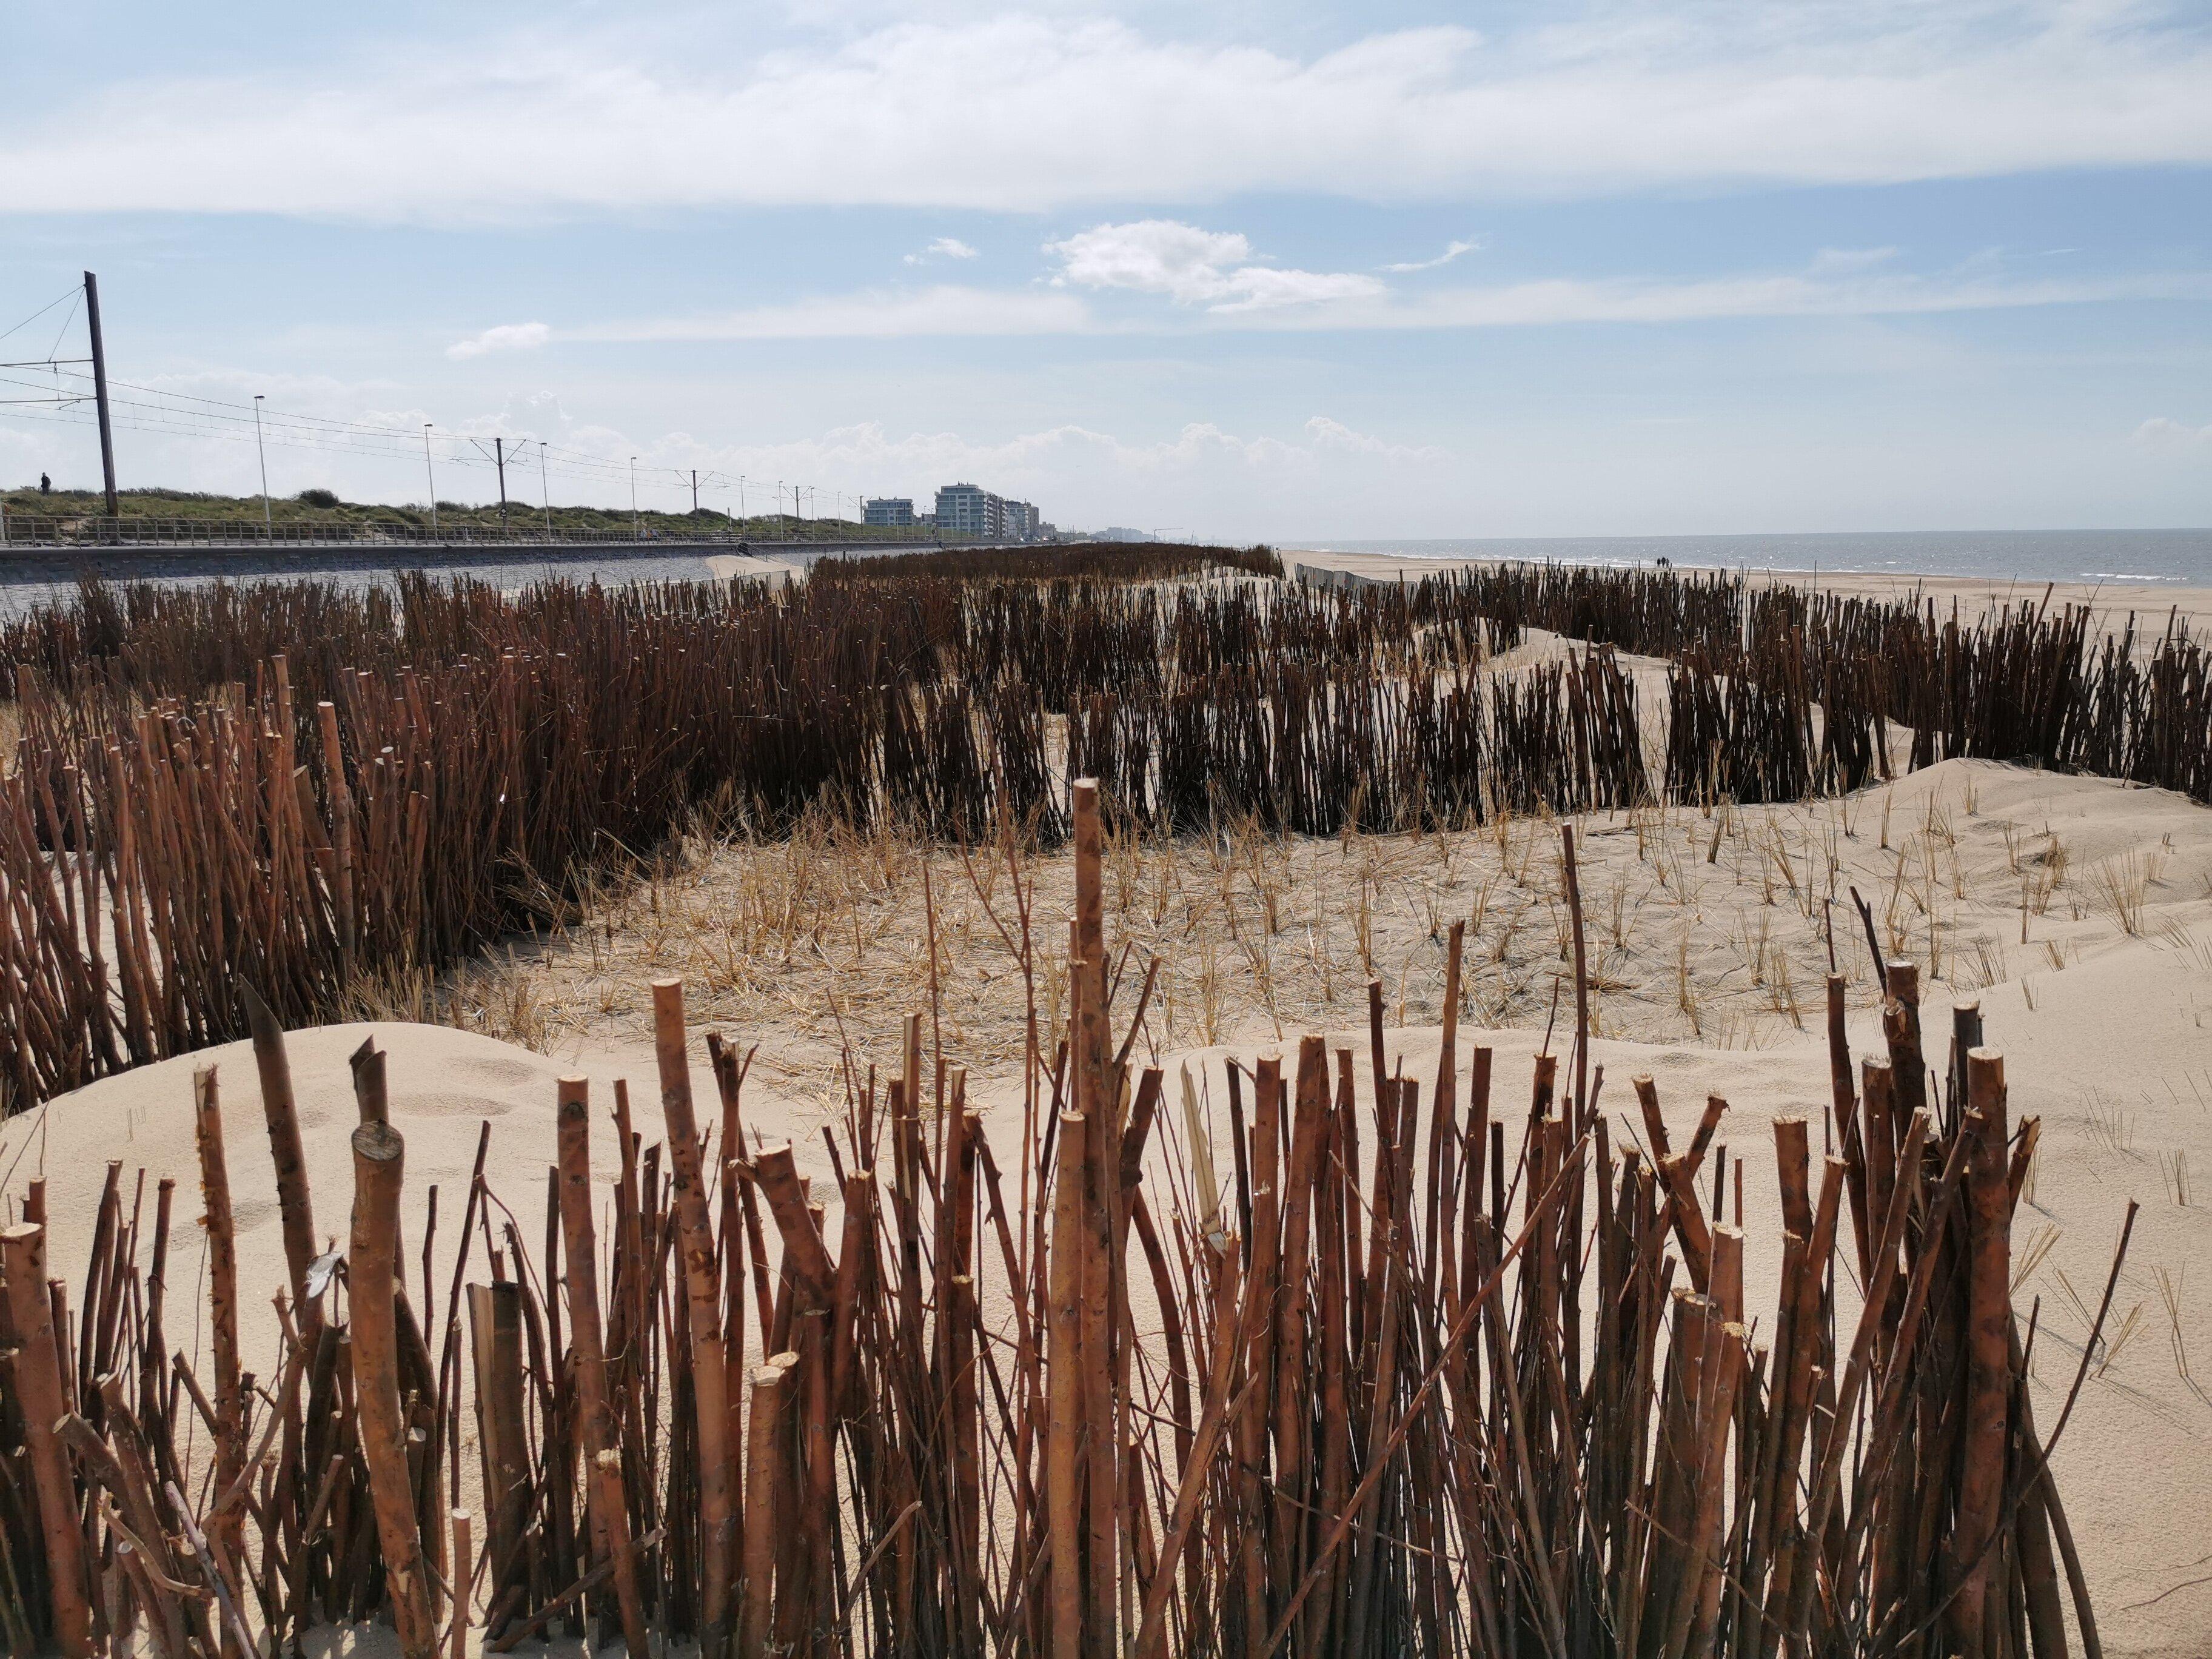 Op het strand van Raversijde vormt helmgras in combinatie met rijshout de basis van nieuwe duinen